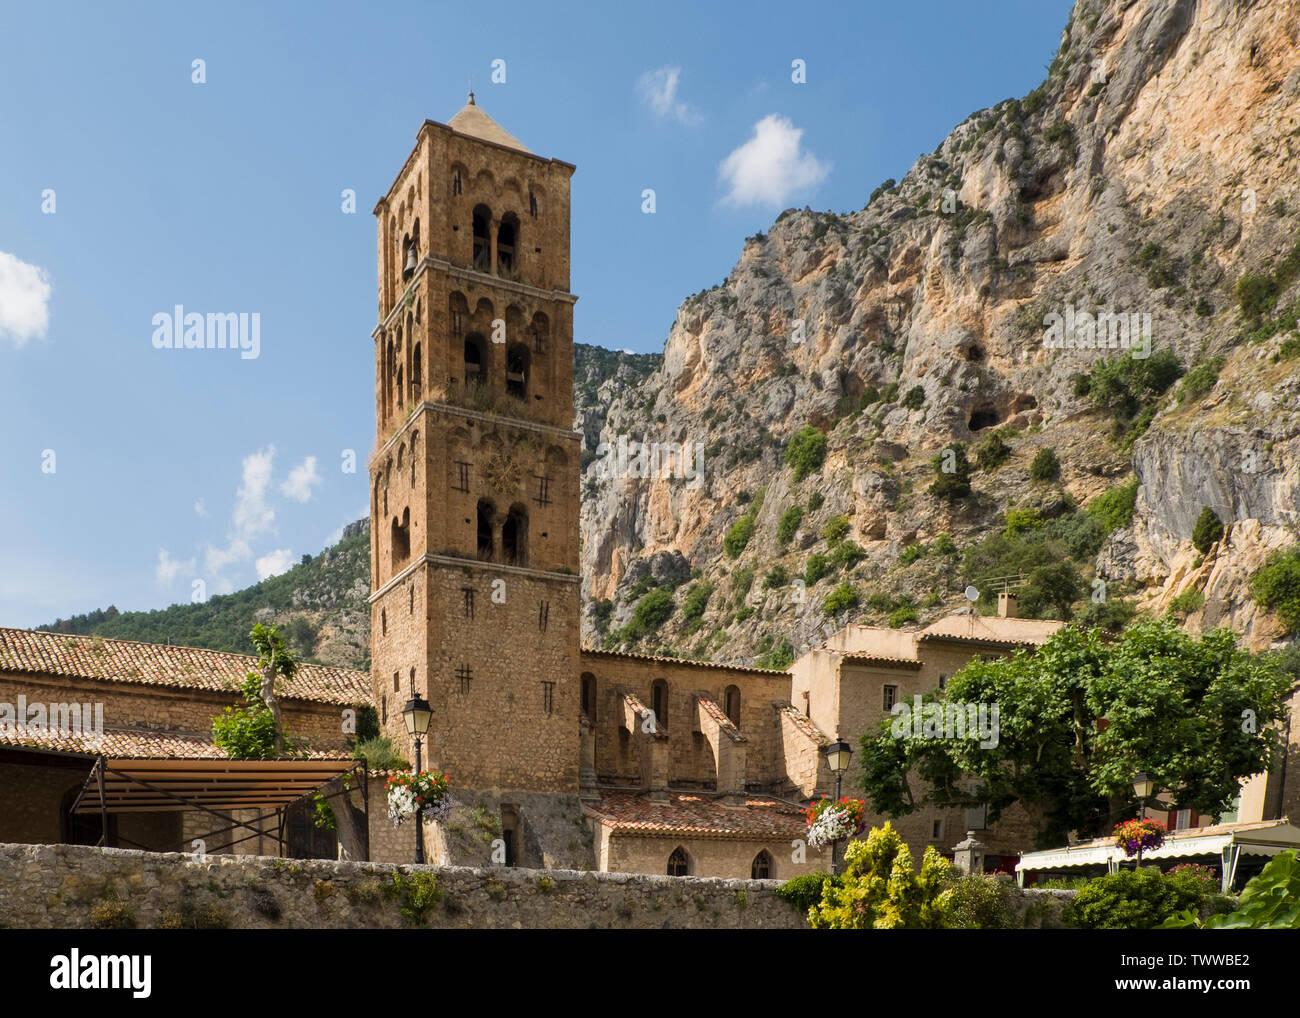 Clocher de l'église Notre-Dame de l'Assomption à Moustiers-Sainte-Marie, un village provençal construit en terrasses sur le flanc d'une falaise de calcaire. Banque D'Images